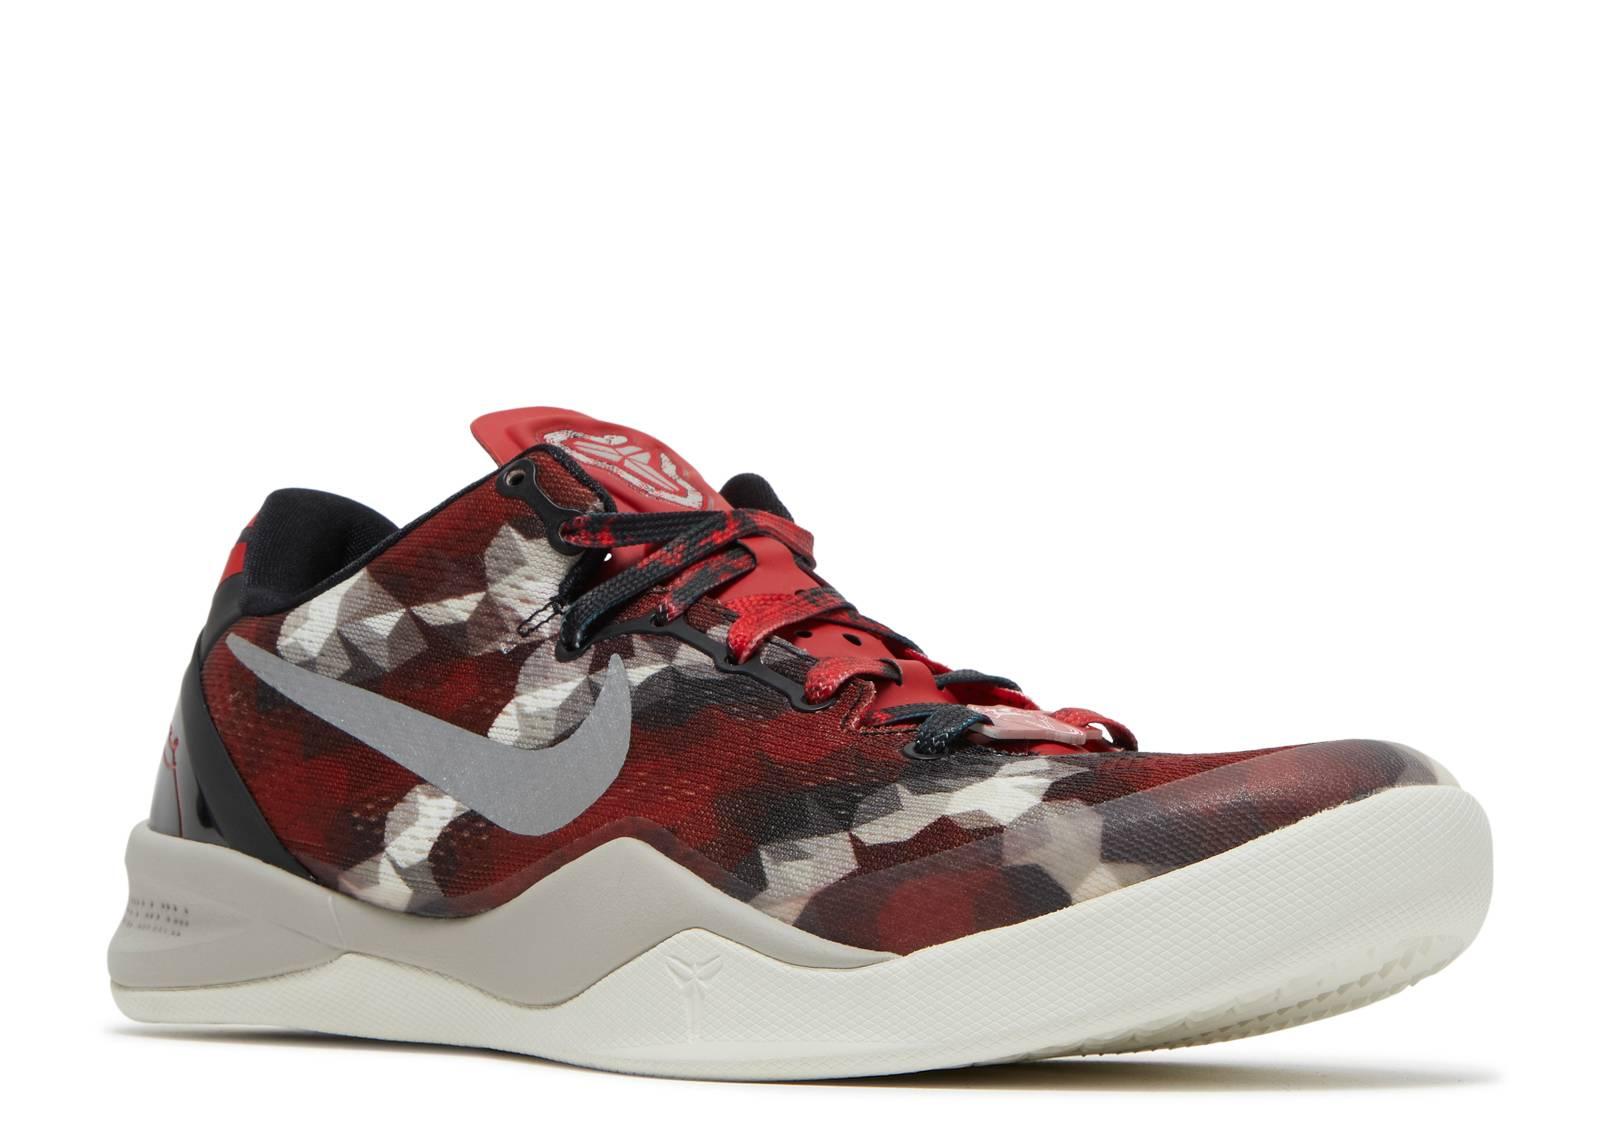 qualité magasin discount Nike Air Force 1 Mi Basket-ball Boutique Rouge ligne d'arrivée cnJW2